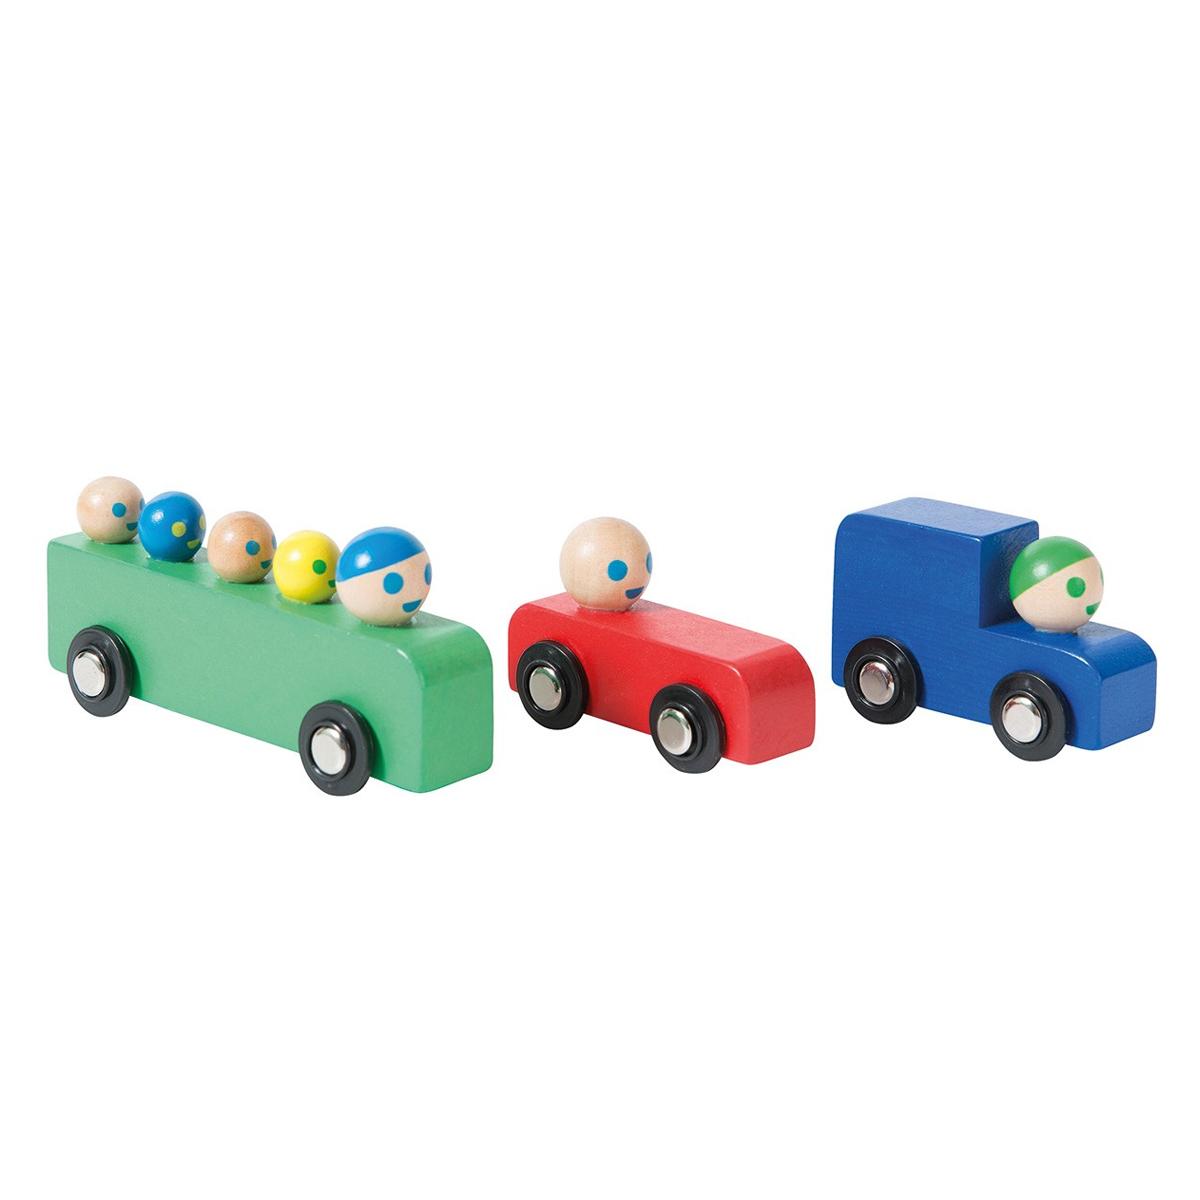 Mes premiers jouets Assortiment de Voitures et Bus en Bois - Dans la Ville Assortiment de Voitures et Bus en Bois - Dans la Ville